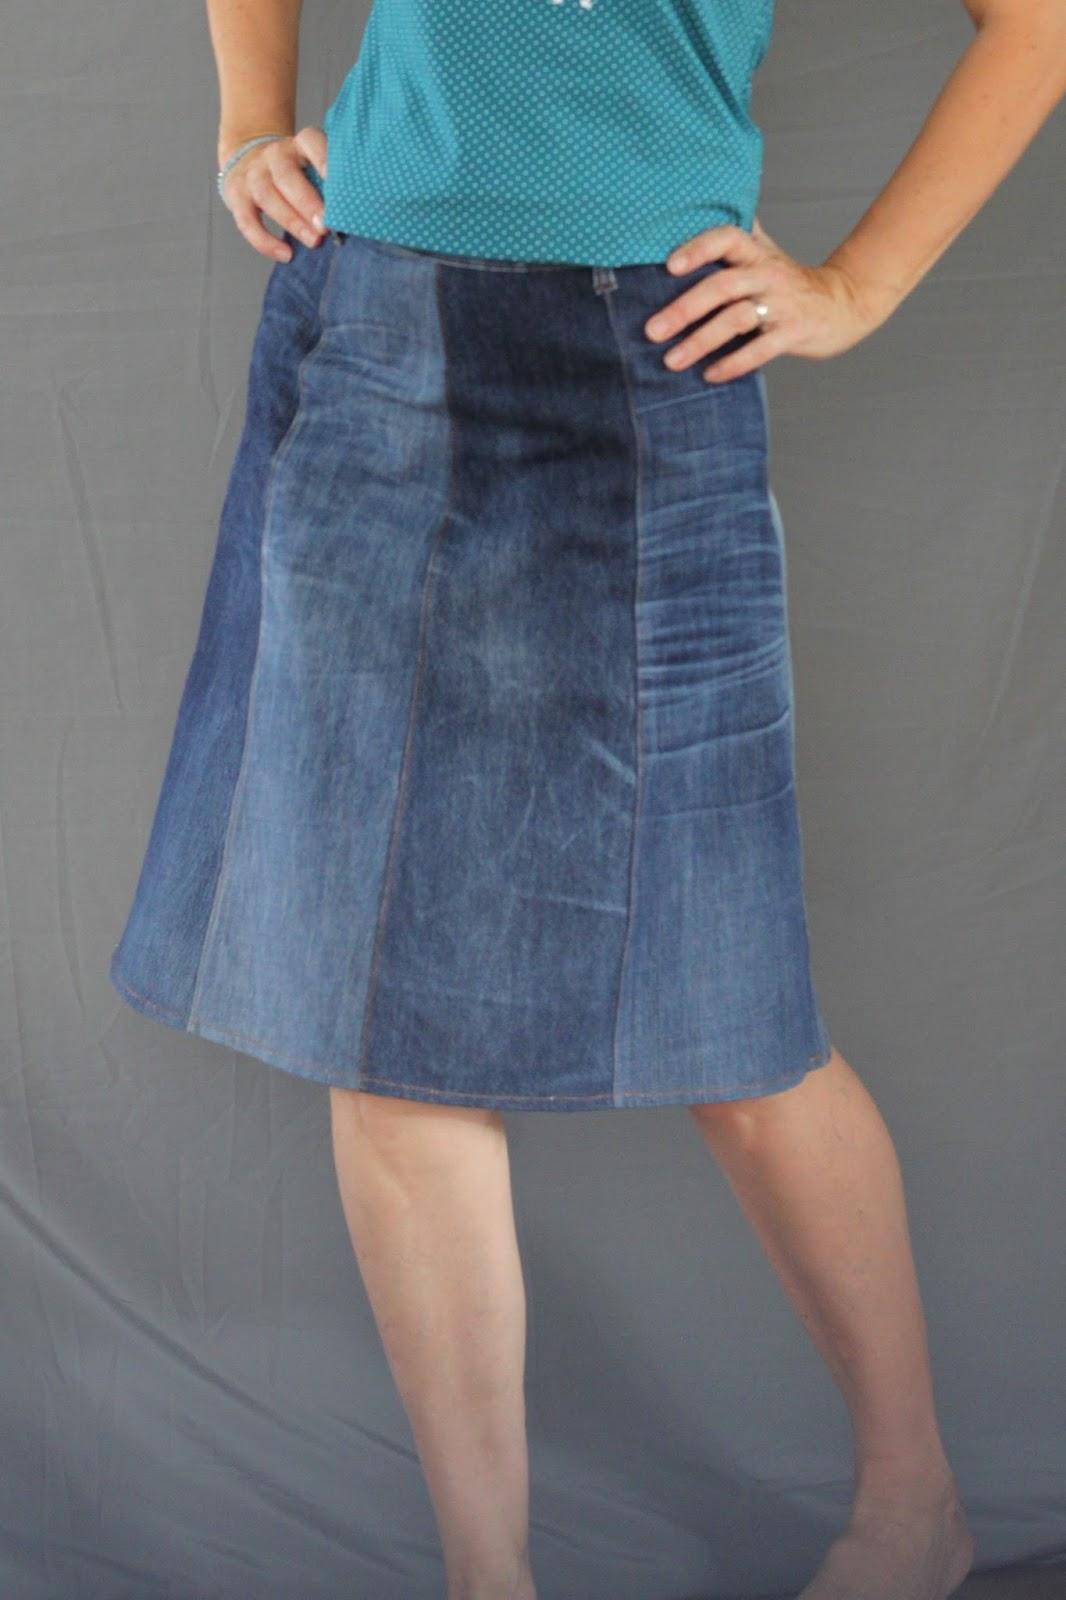 Eine Jeanshose Zum Rock Umändern Kannst Querciacb